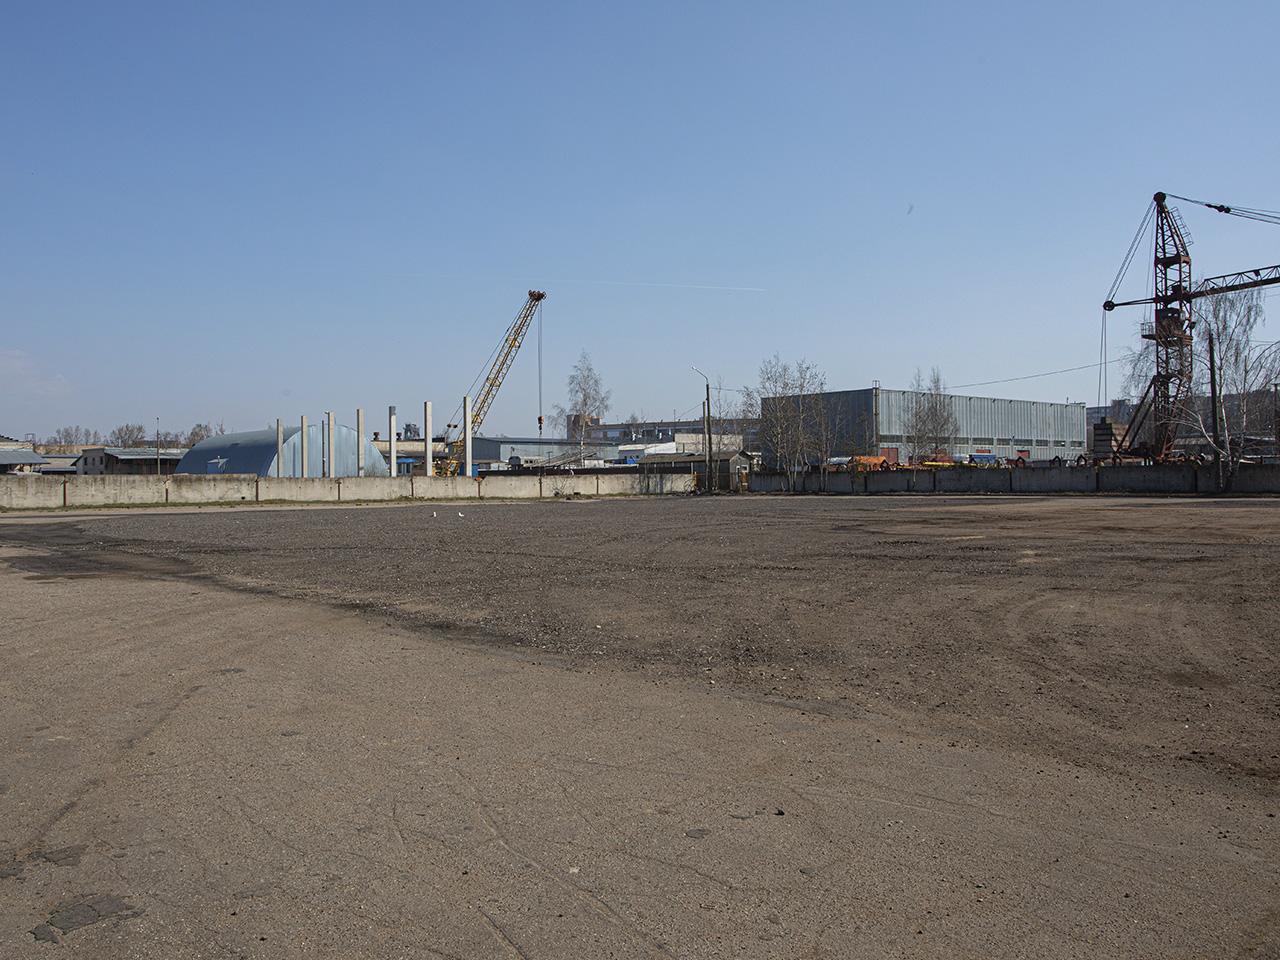 Складской комплекс, Минск, пер.Промышленный 12 3736